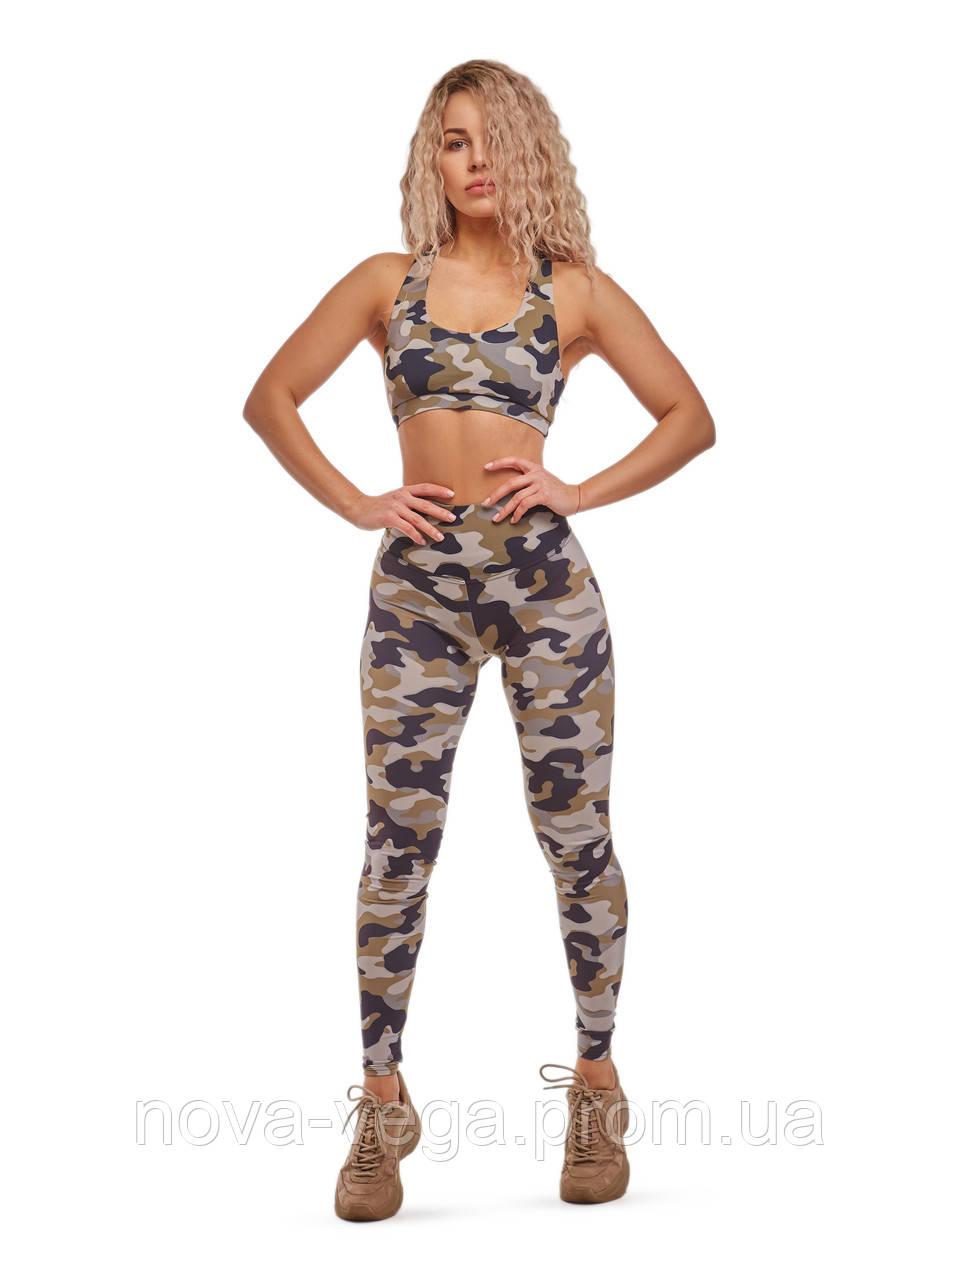 Спортивные Женские Лосины Nova Vega Military Style Camouflage Print